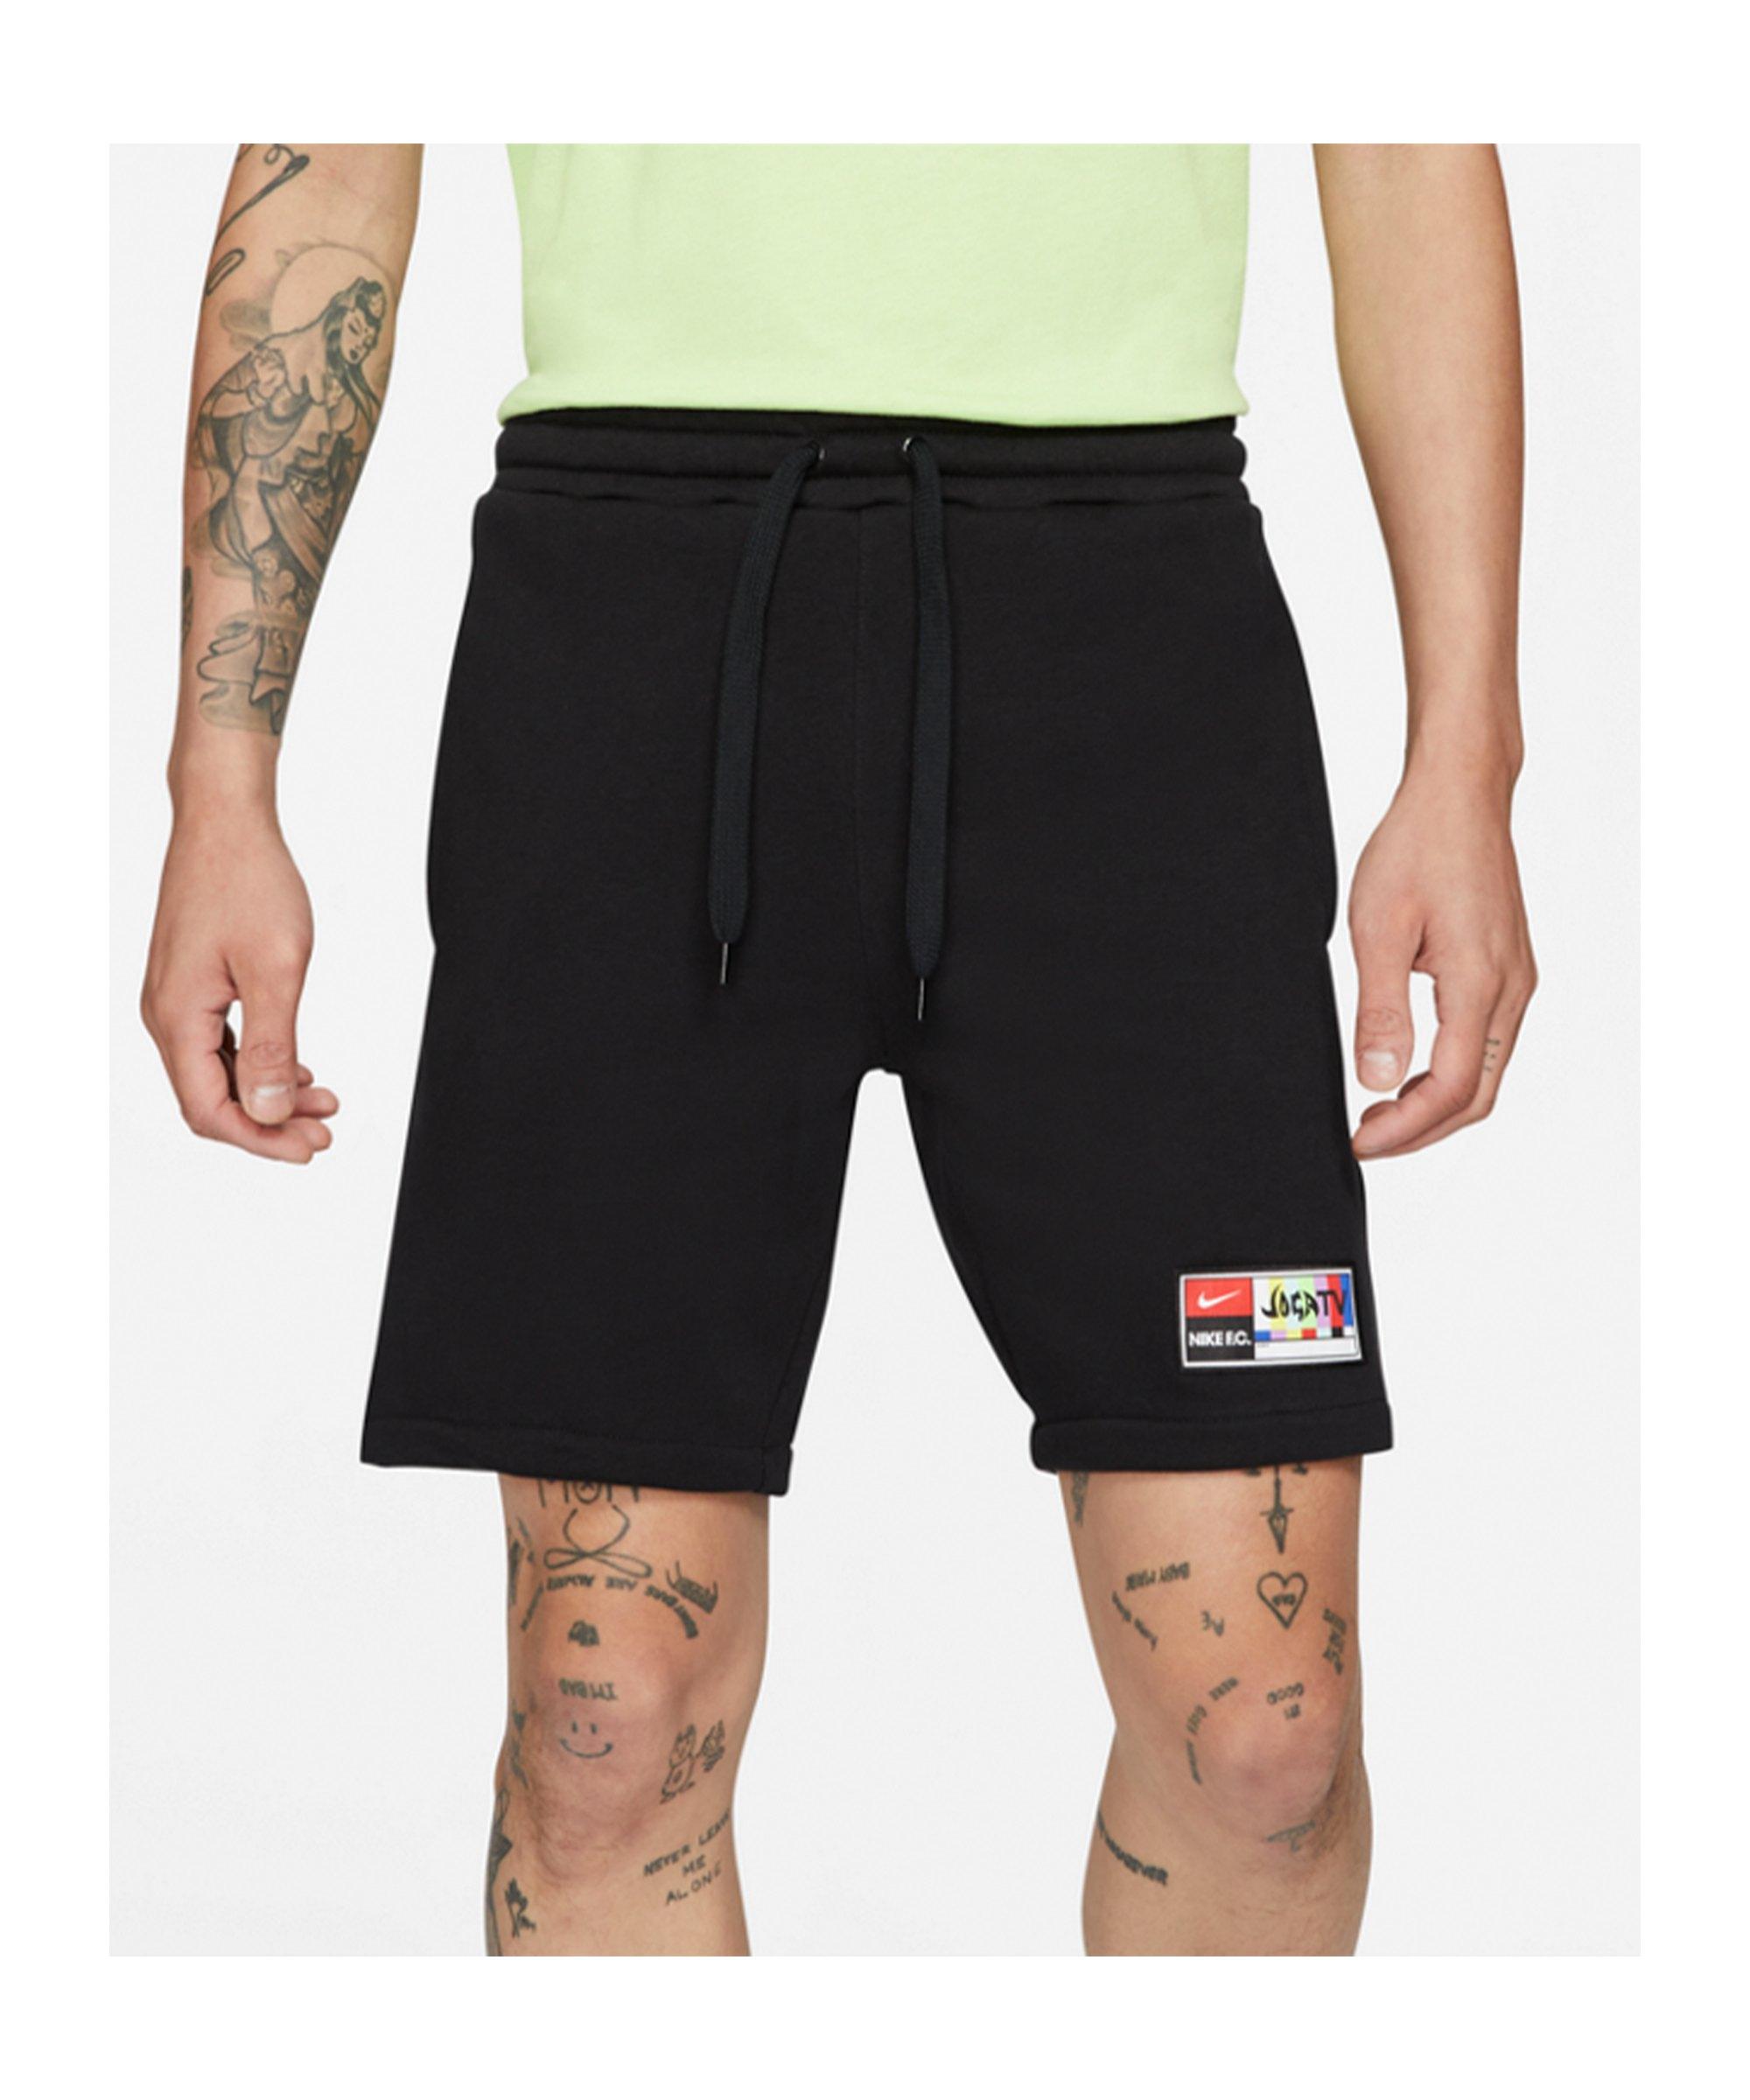 Nike F.C. Joga Bonito Fleece Short Schwarz F010 - schwarz